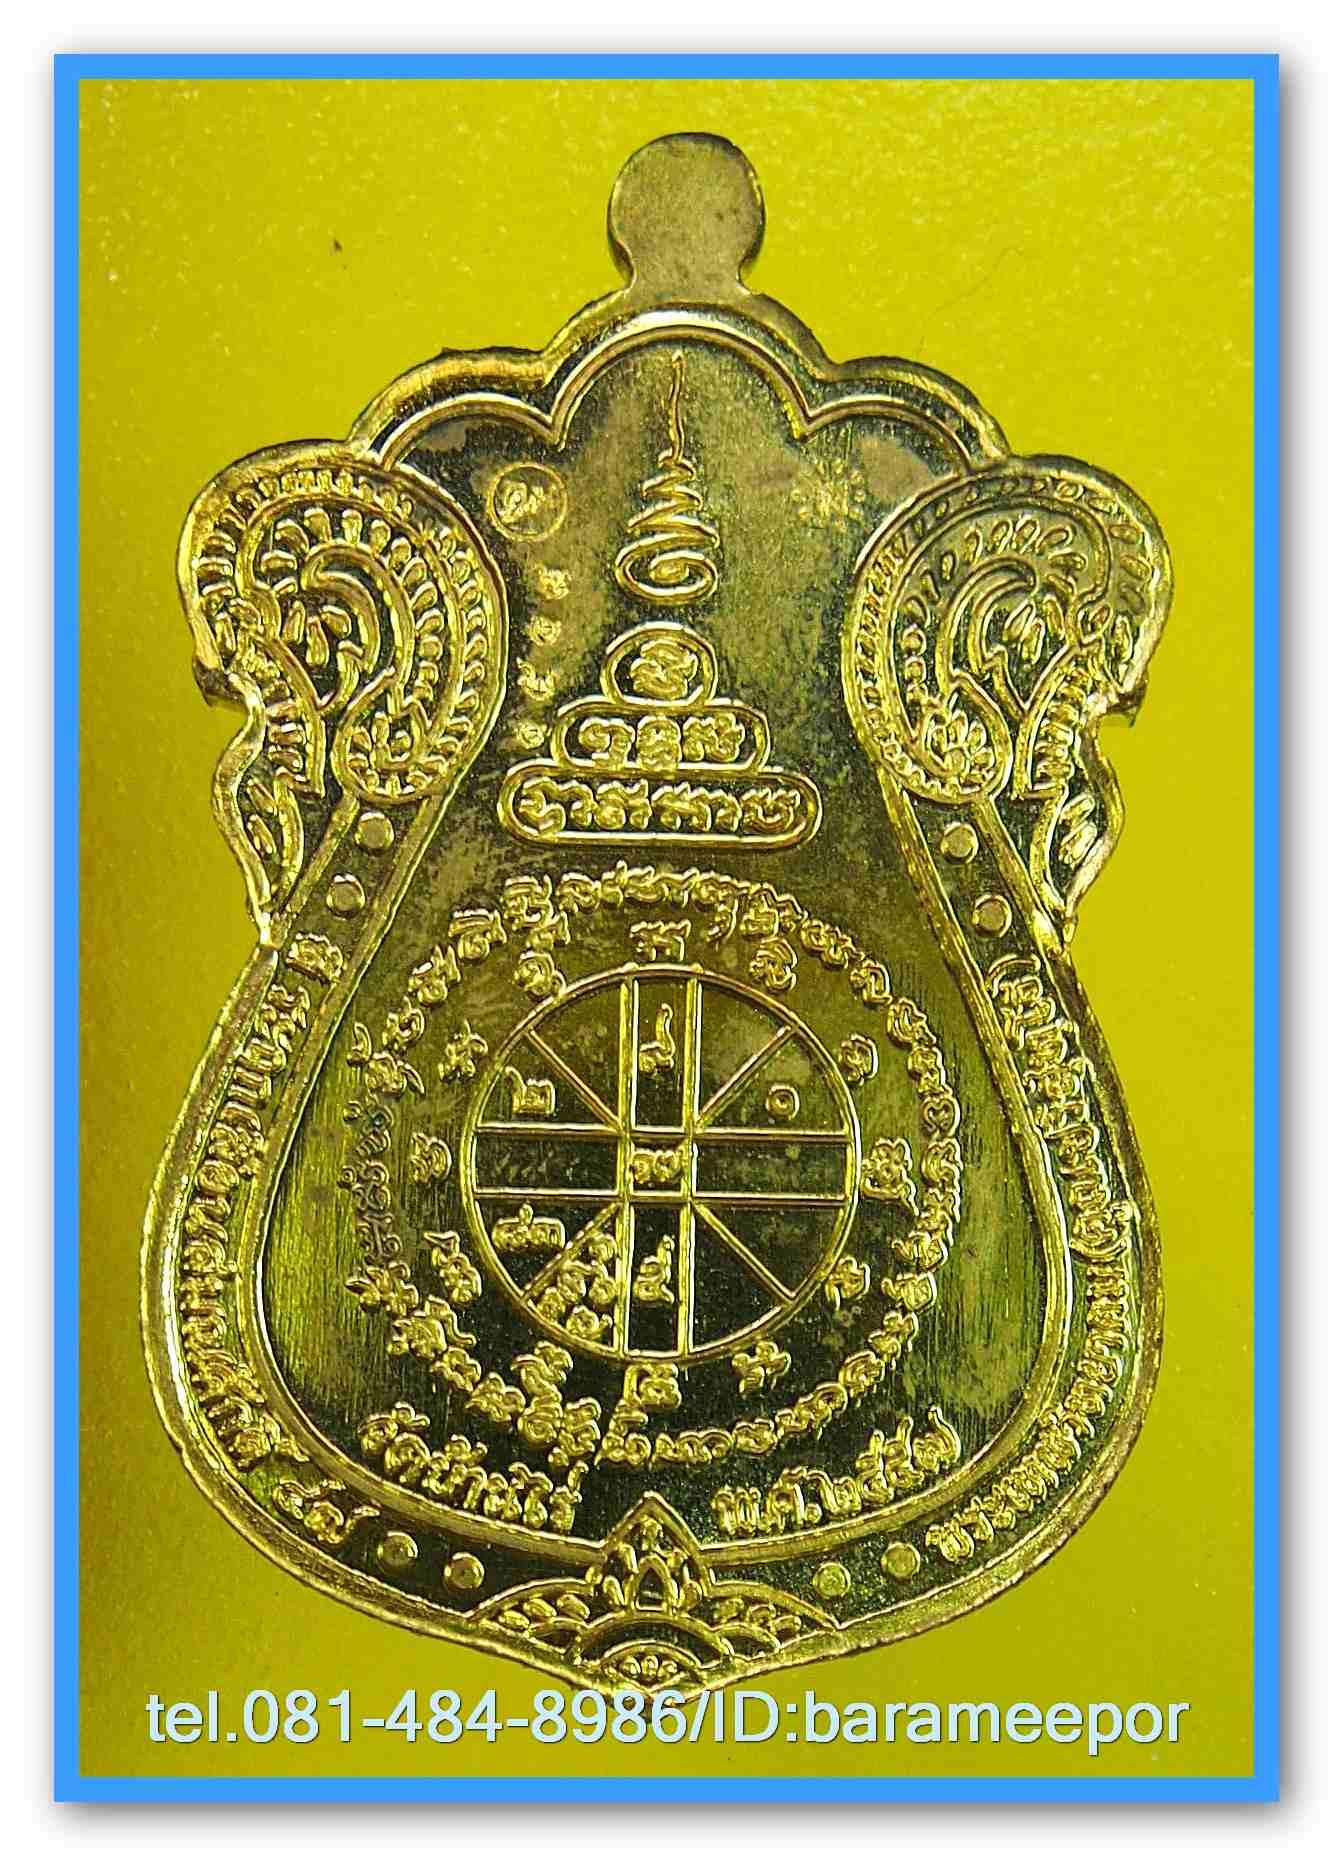 หลวงพ่อคูณ ที่ระฤกเลื่อนสมณศักดิ์ ๔๗ เหรียญเสมา เนื้อทองระฆังลงยา หลังสีม่วง ปีกสีเขียว